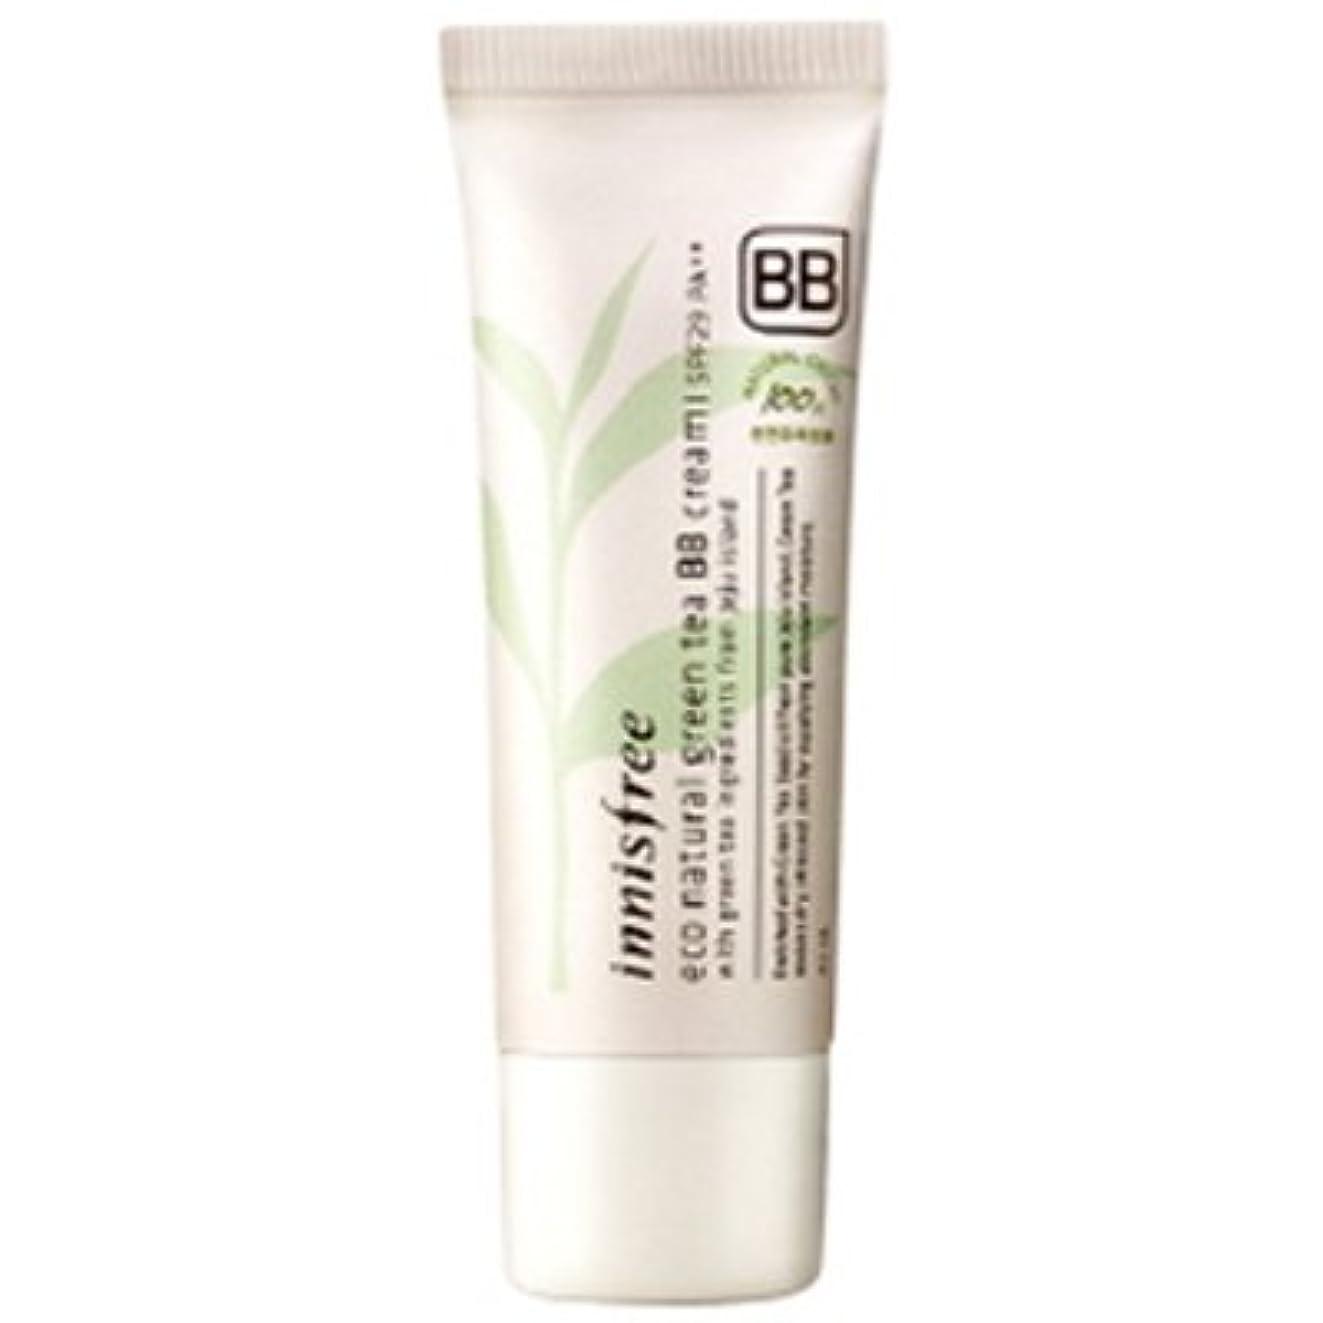 海港アクションinnisfree(イニスフリー) Eco natural green tea BB cream エコ ナチュラル グリーン ティー BB クリーム SPF29/PA++ 40ml #1:ライトベージュ